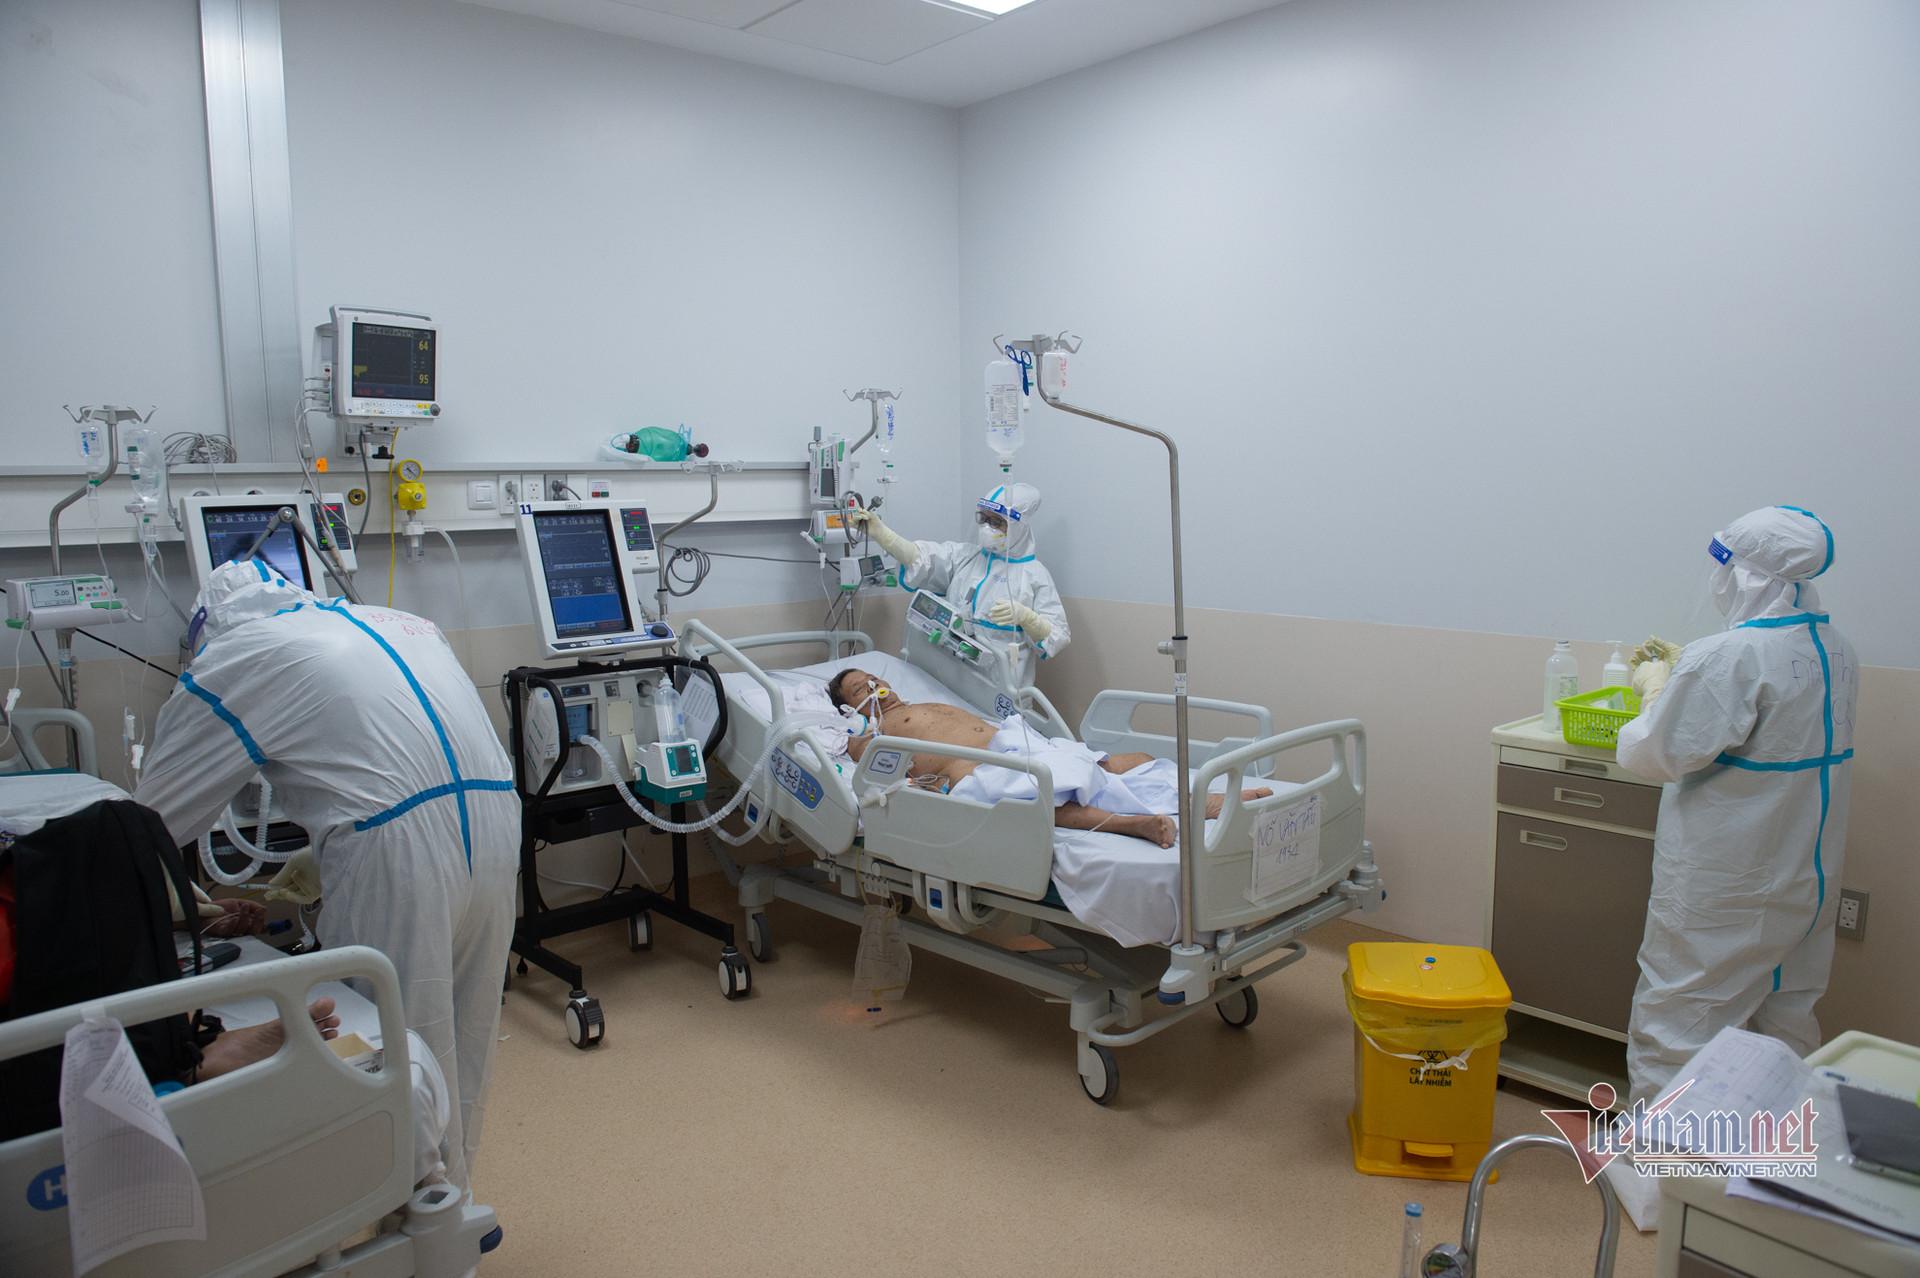 Hình ảnh bên trong bệnh viện điều trị bệnh nhân Covid-19 nặng ở TP.HCM